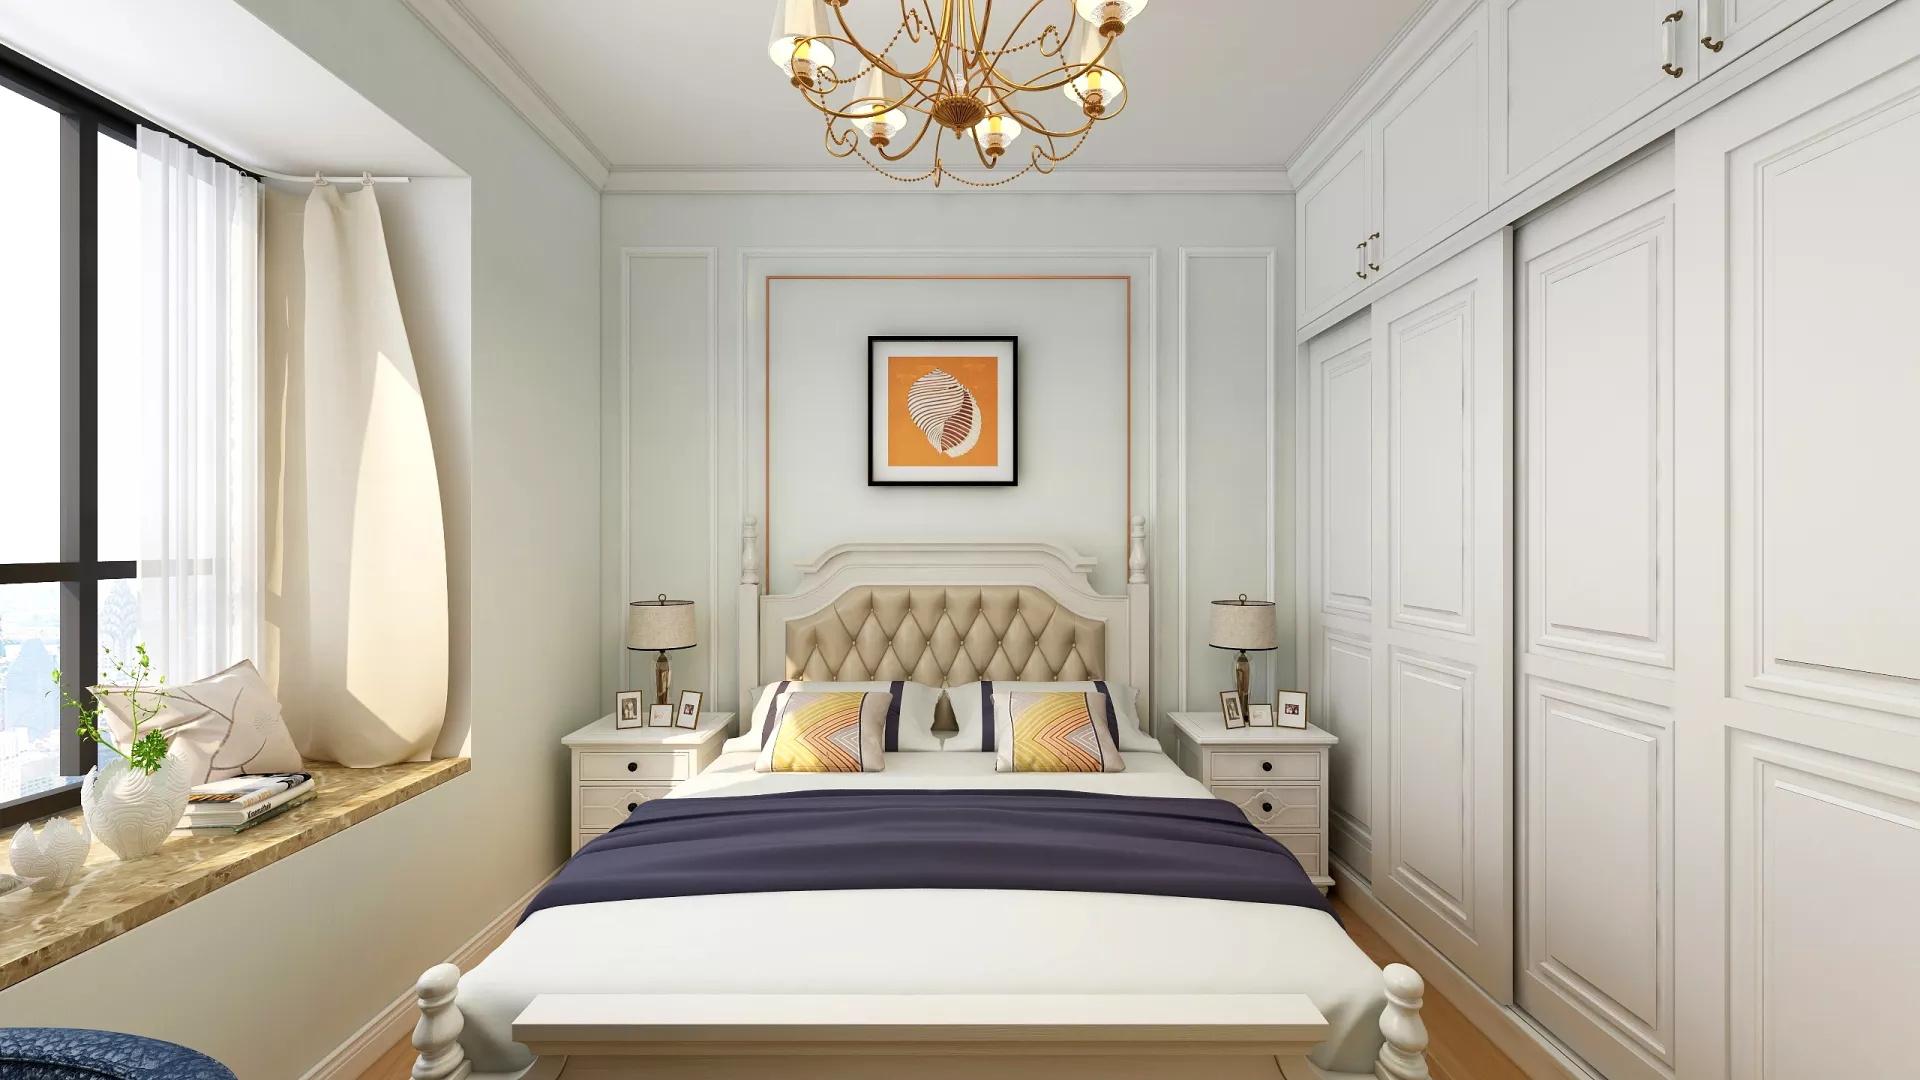 室内壁画材料有哪几种 室内壁画用什么样的材料